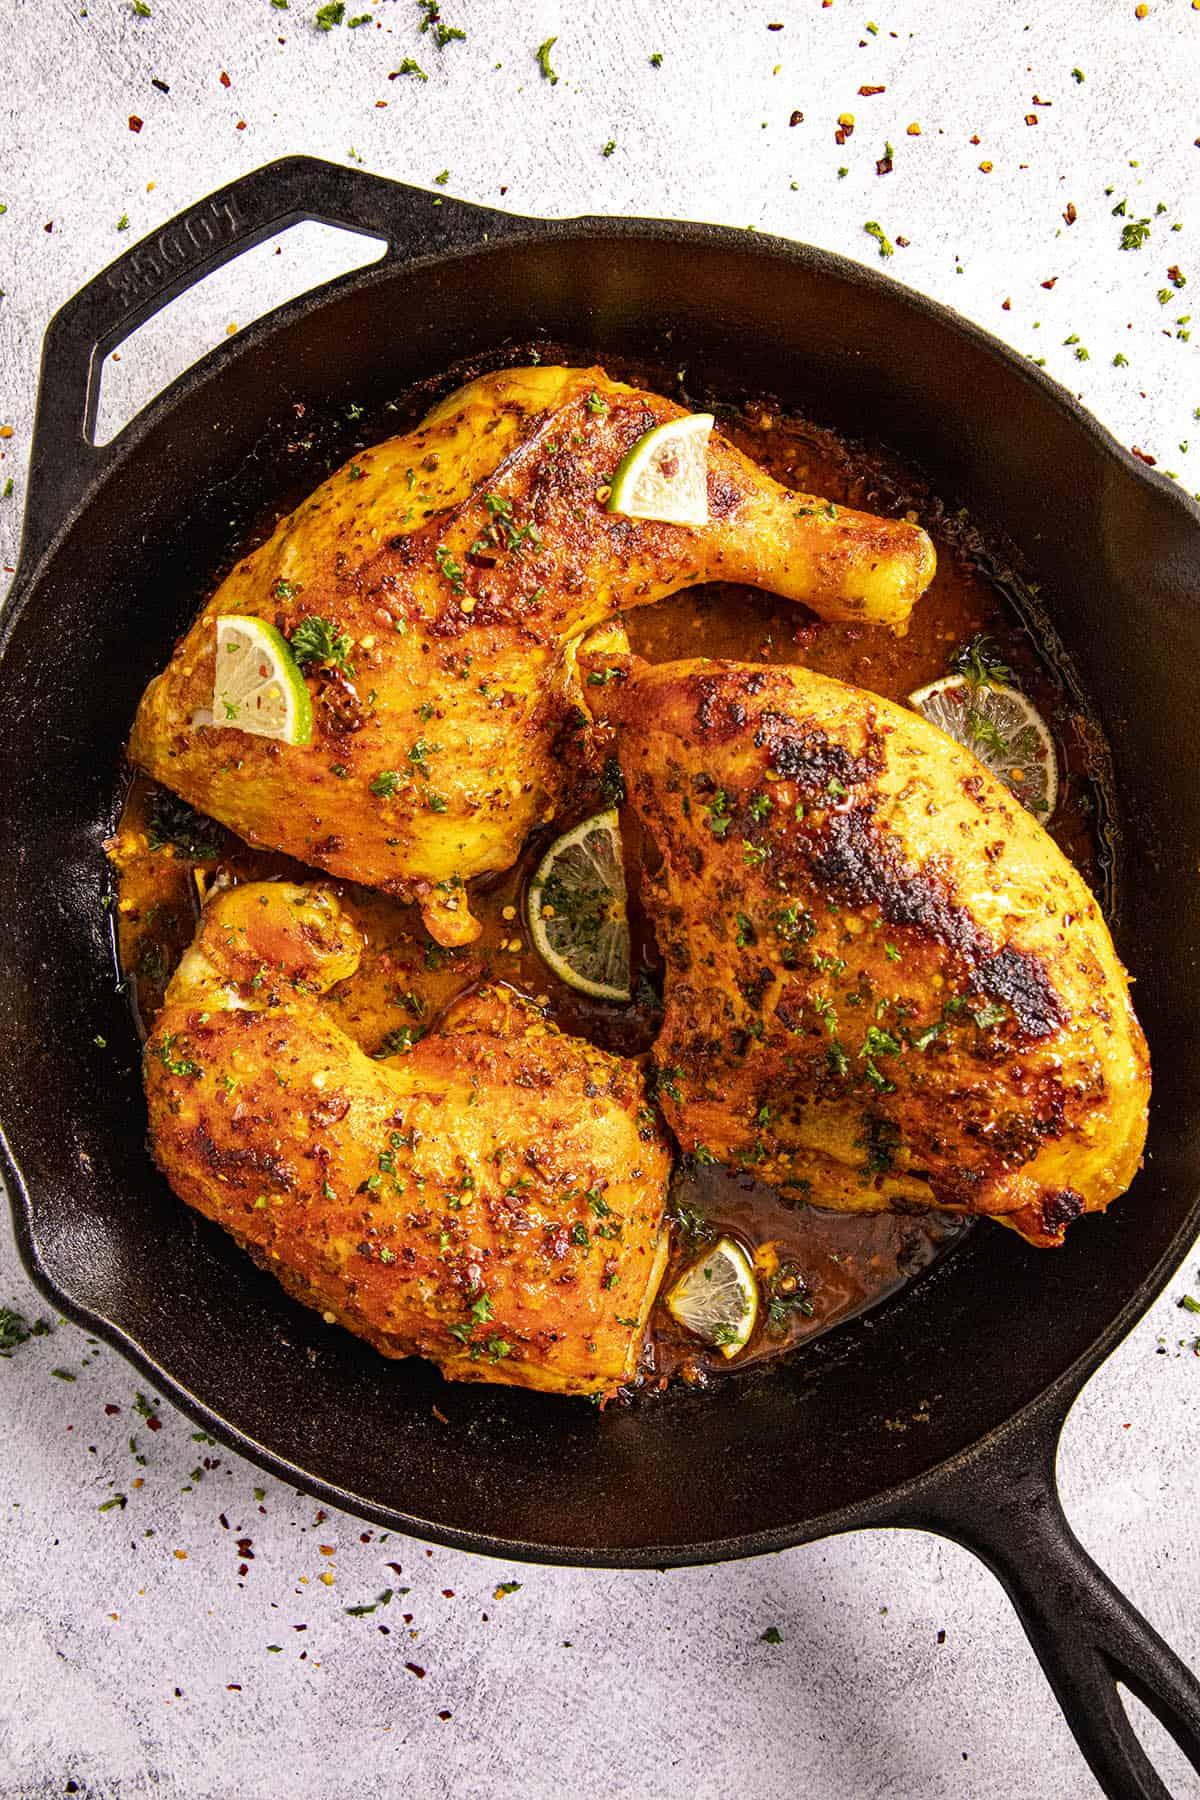 Pollo Asado (Mexican roast chicken) in a pan